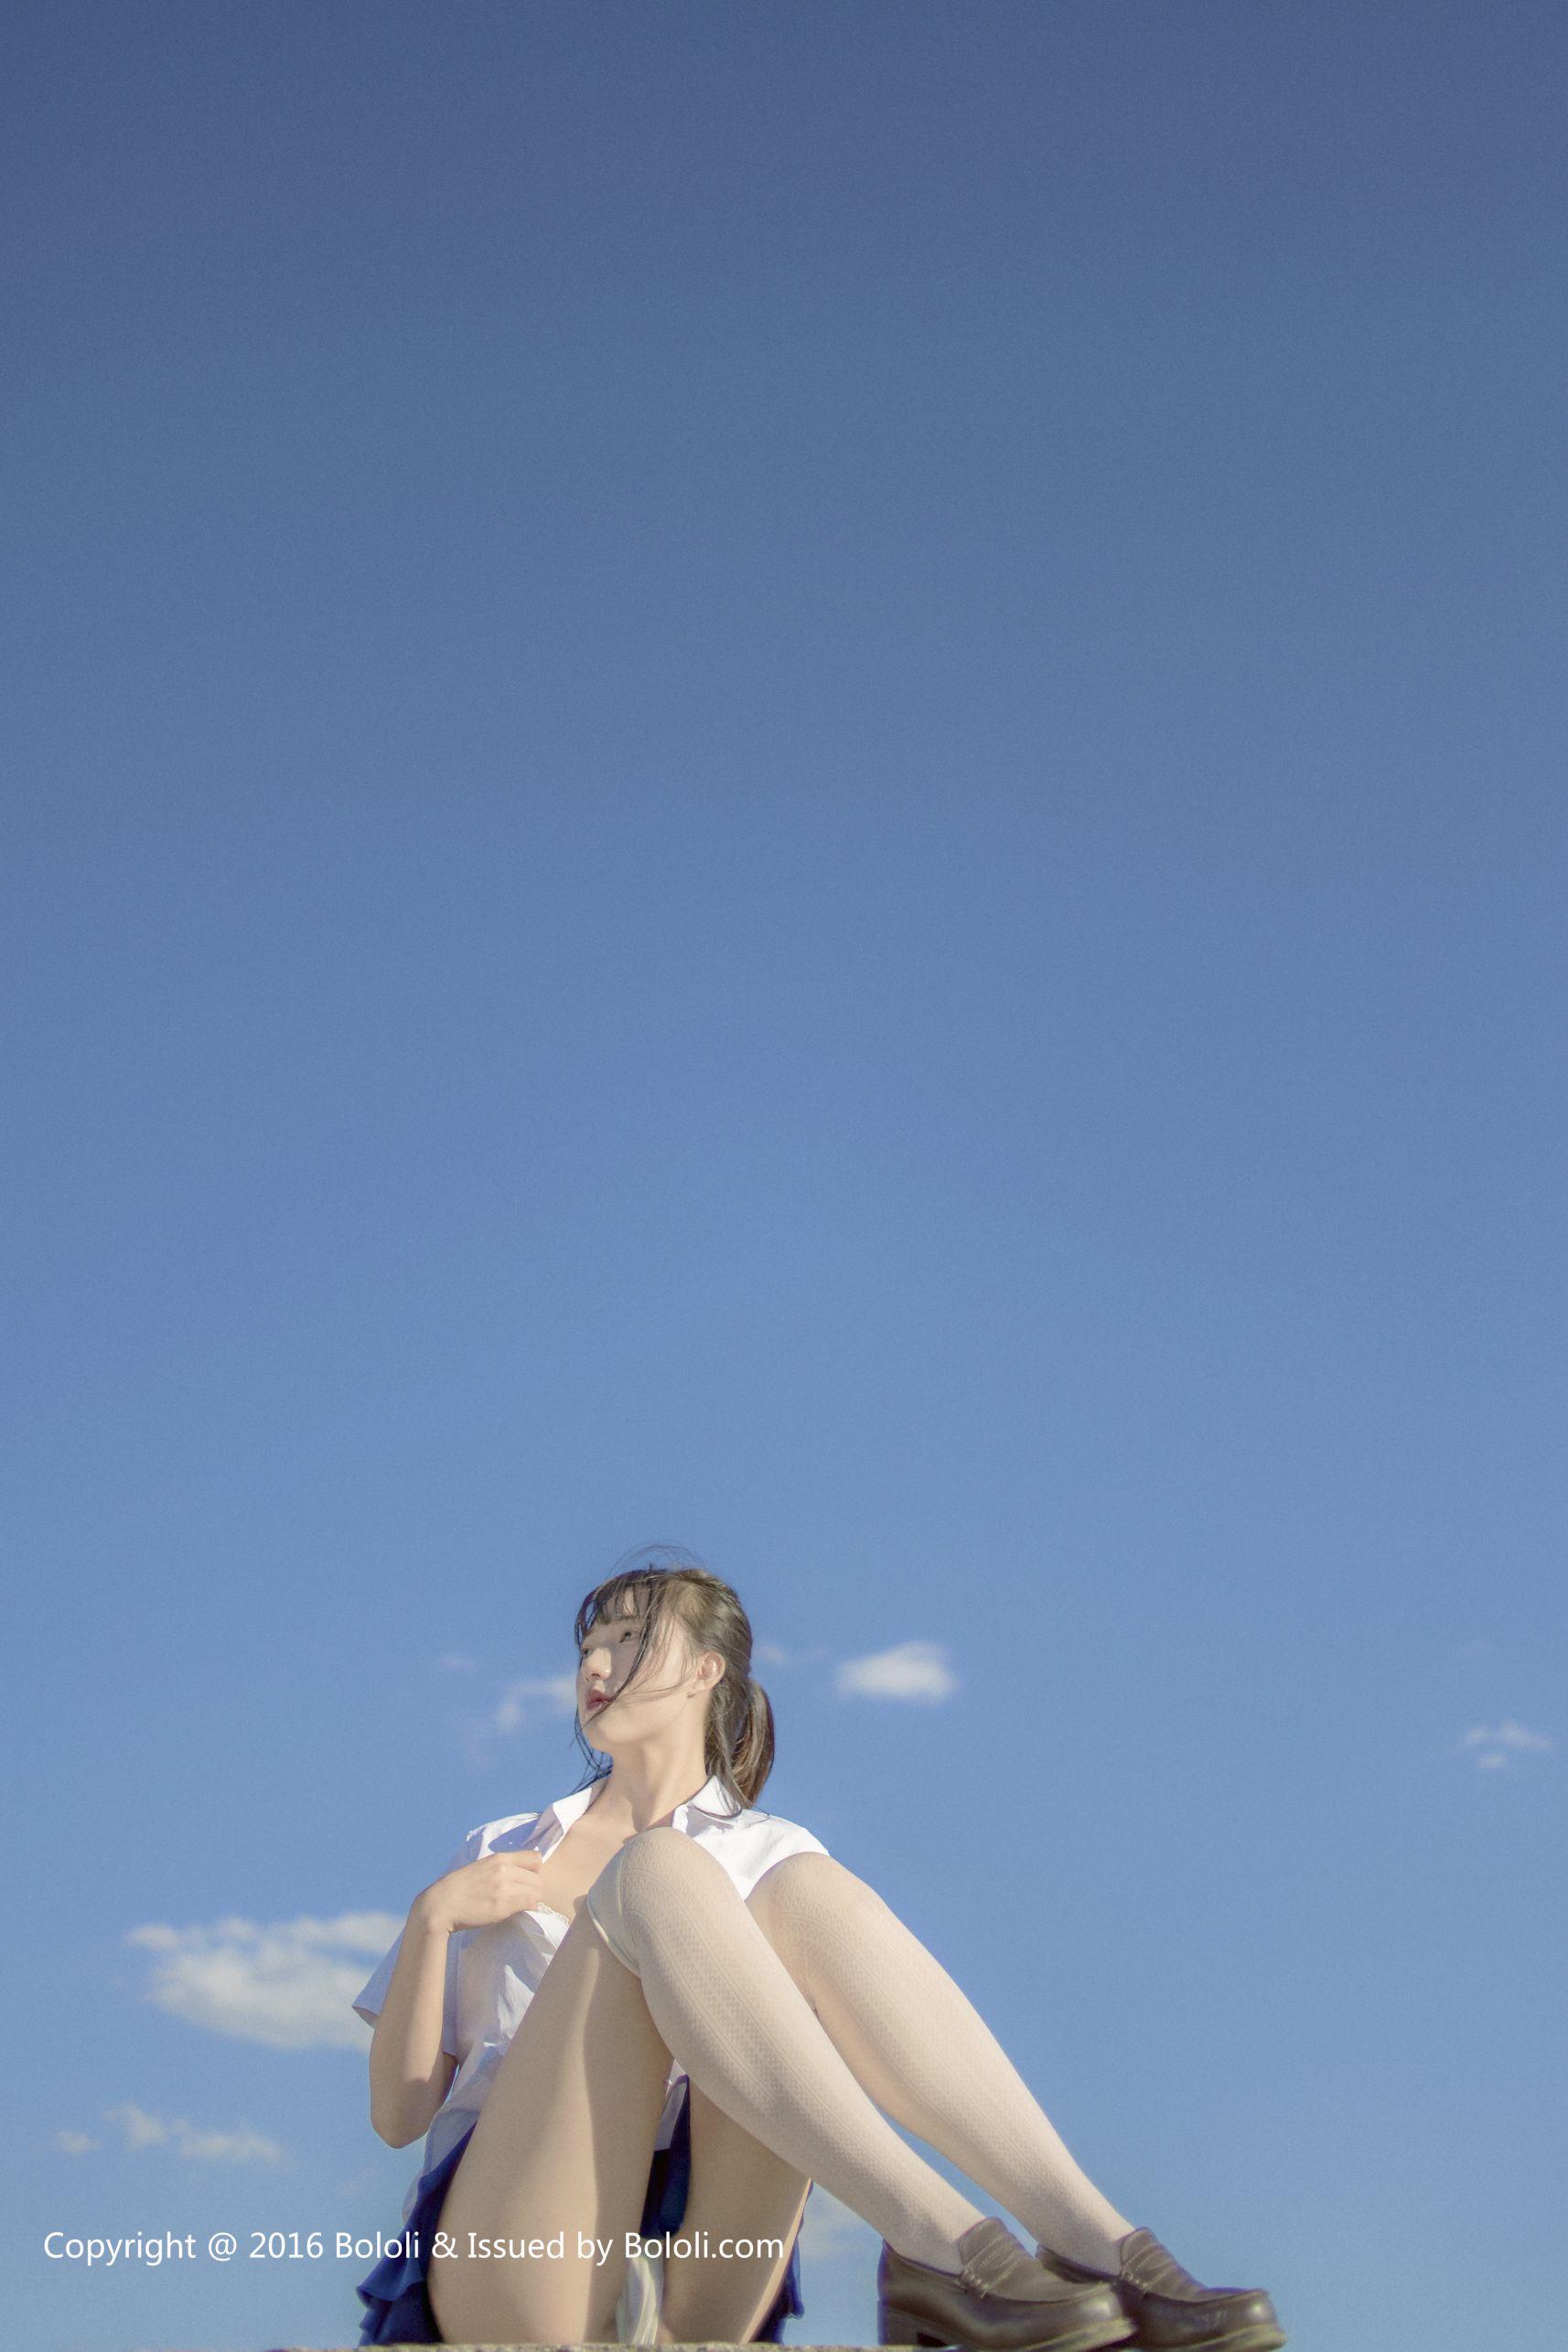 觉蒽酱 - 秋の下で·春色